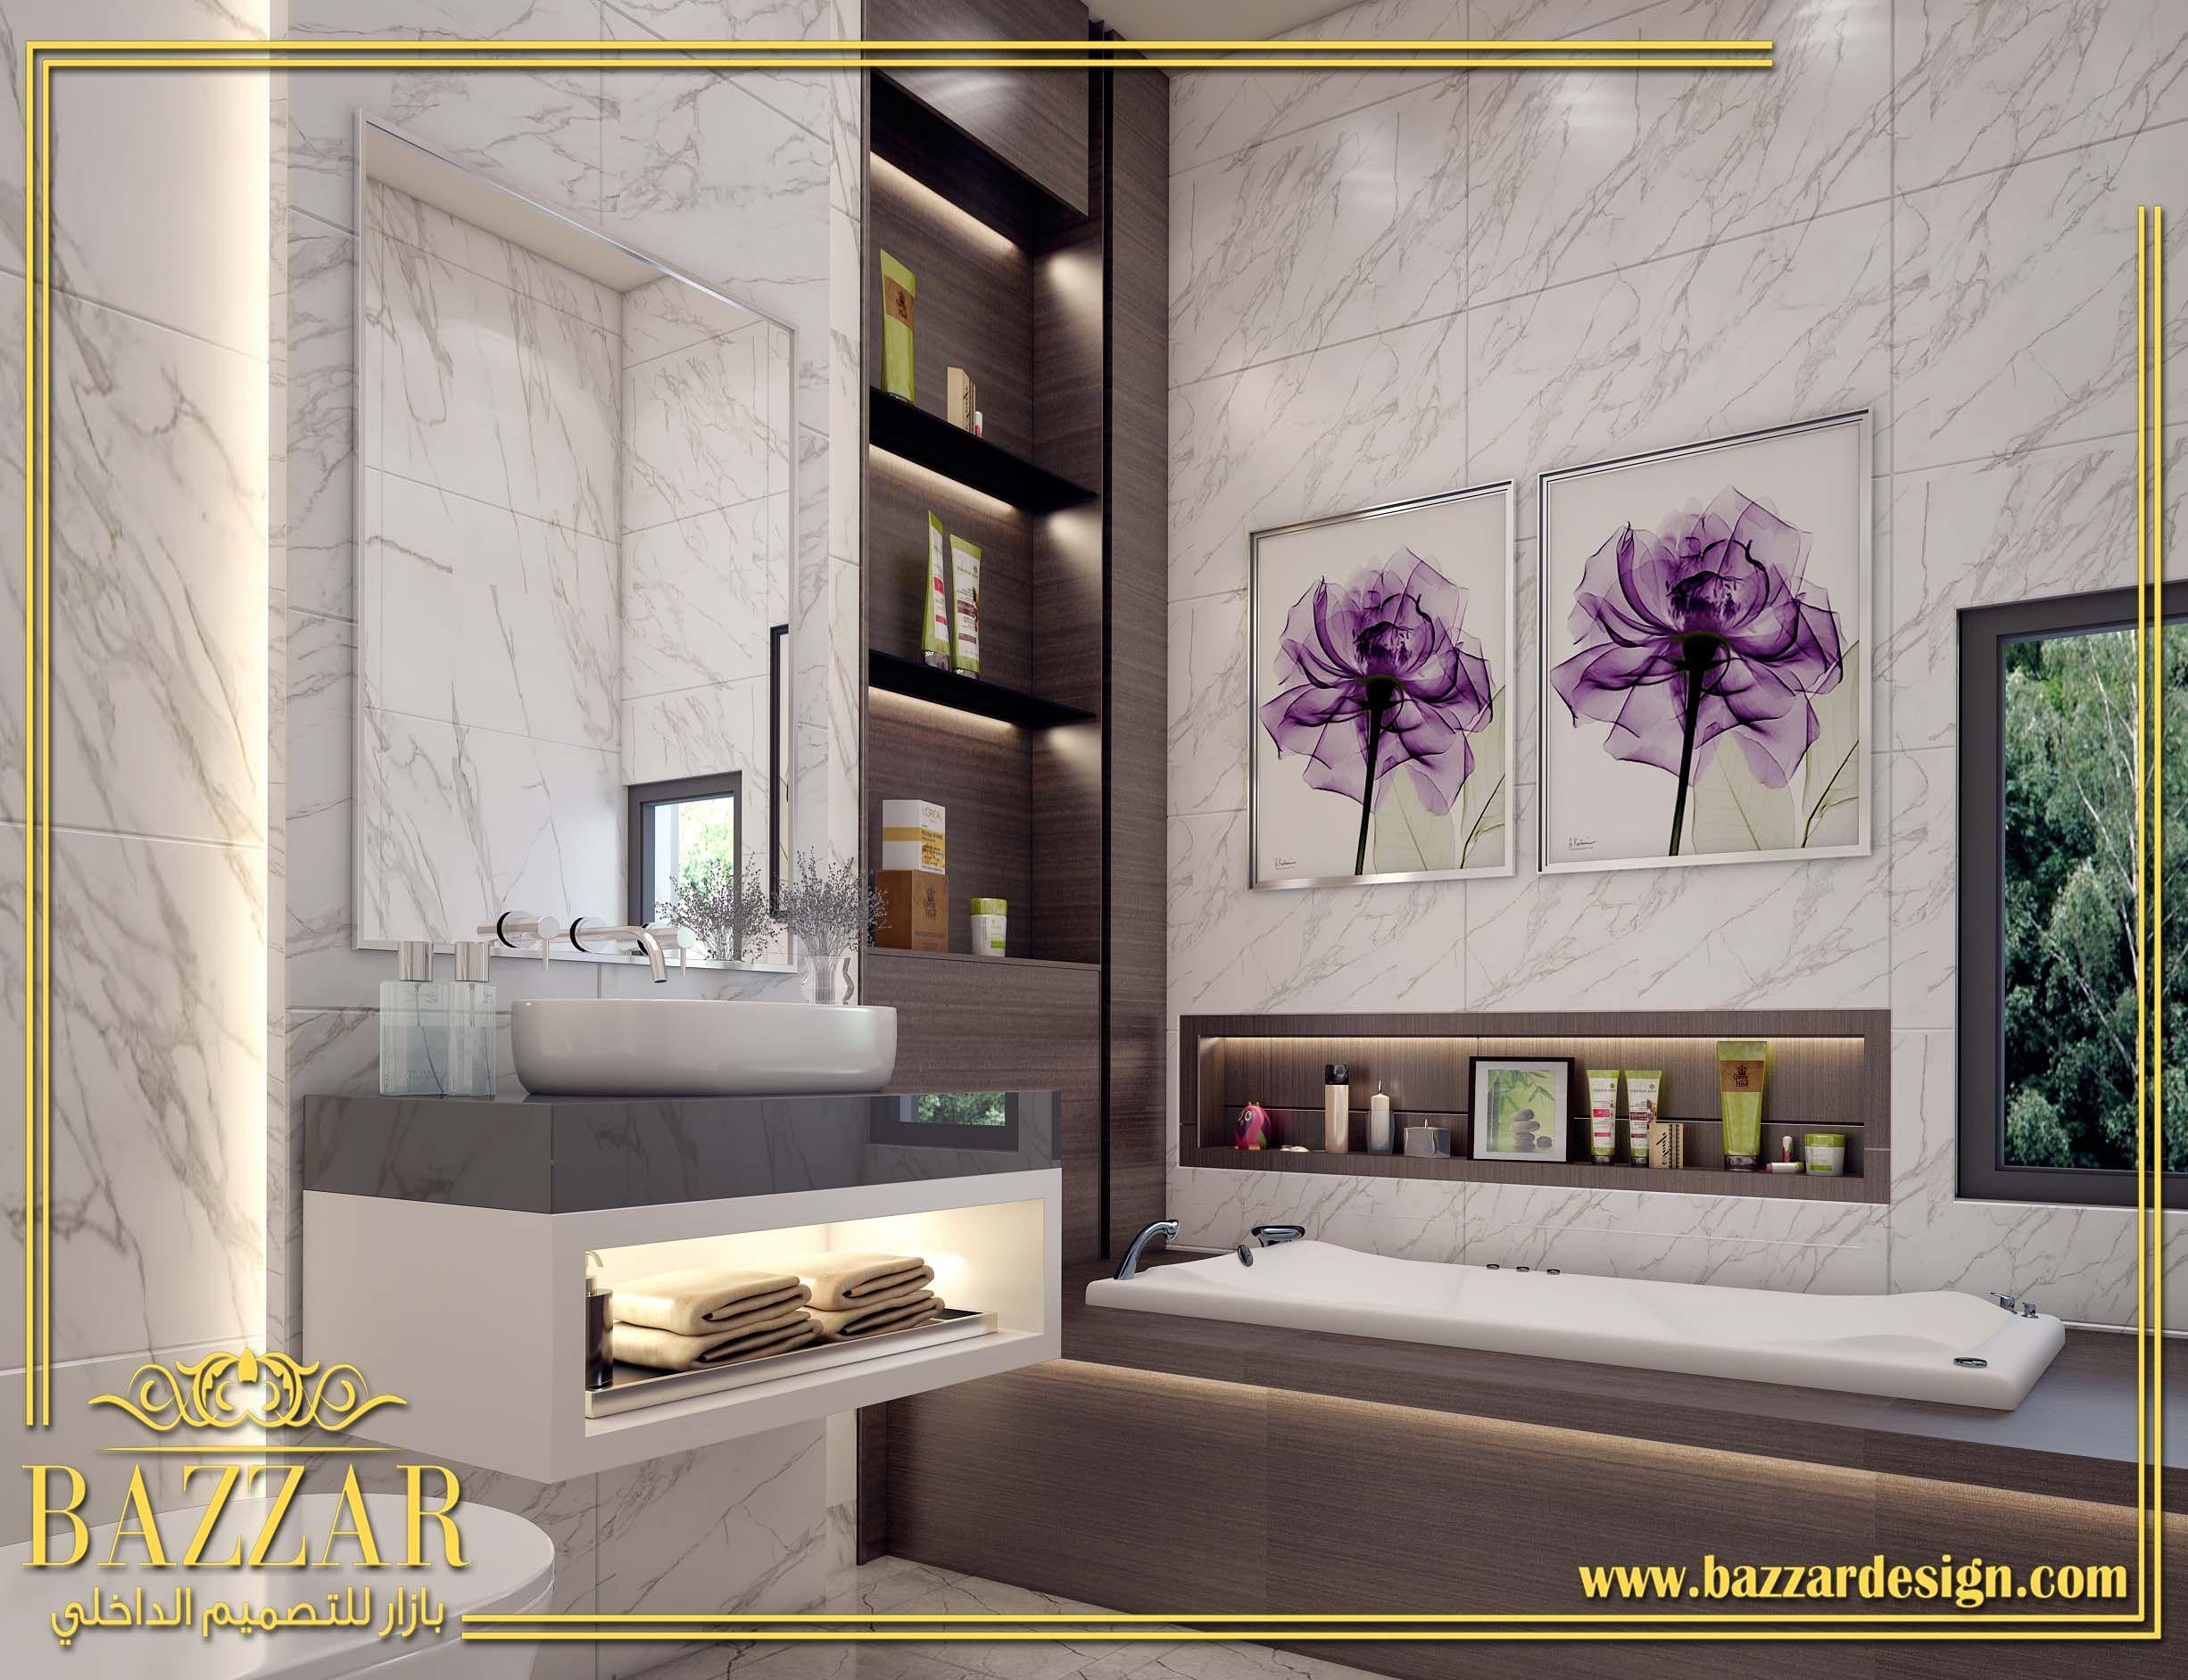 صور مشبات حديثه Front Room Decor Simple Wall Art Room Design